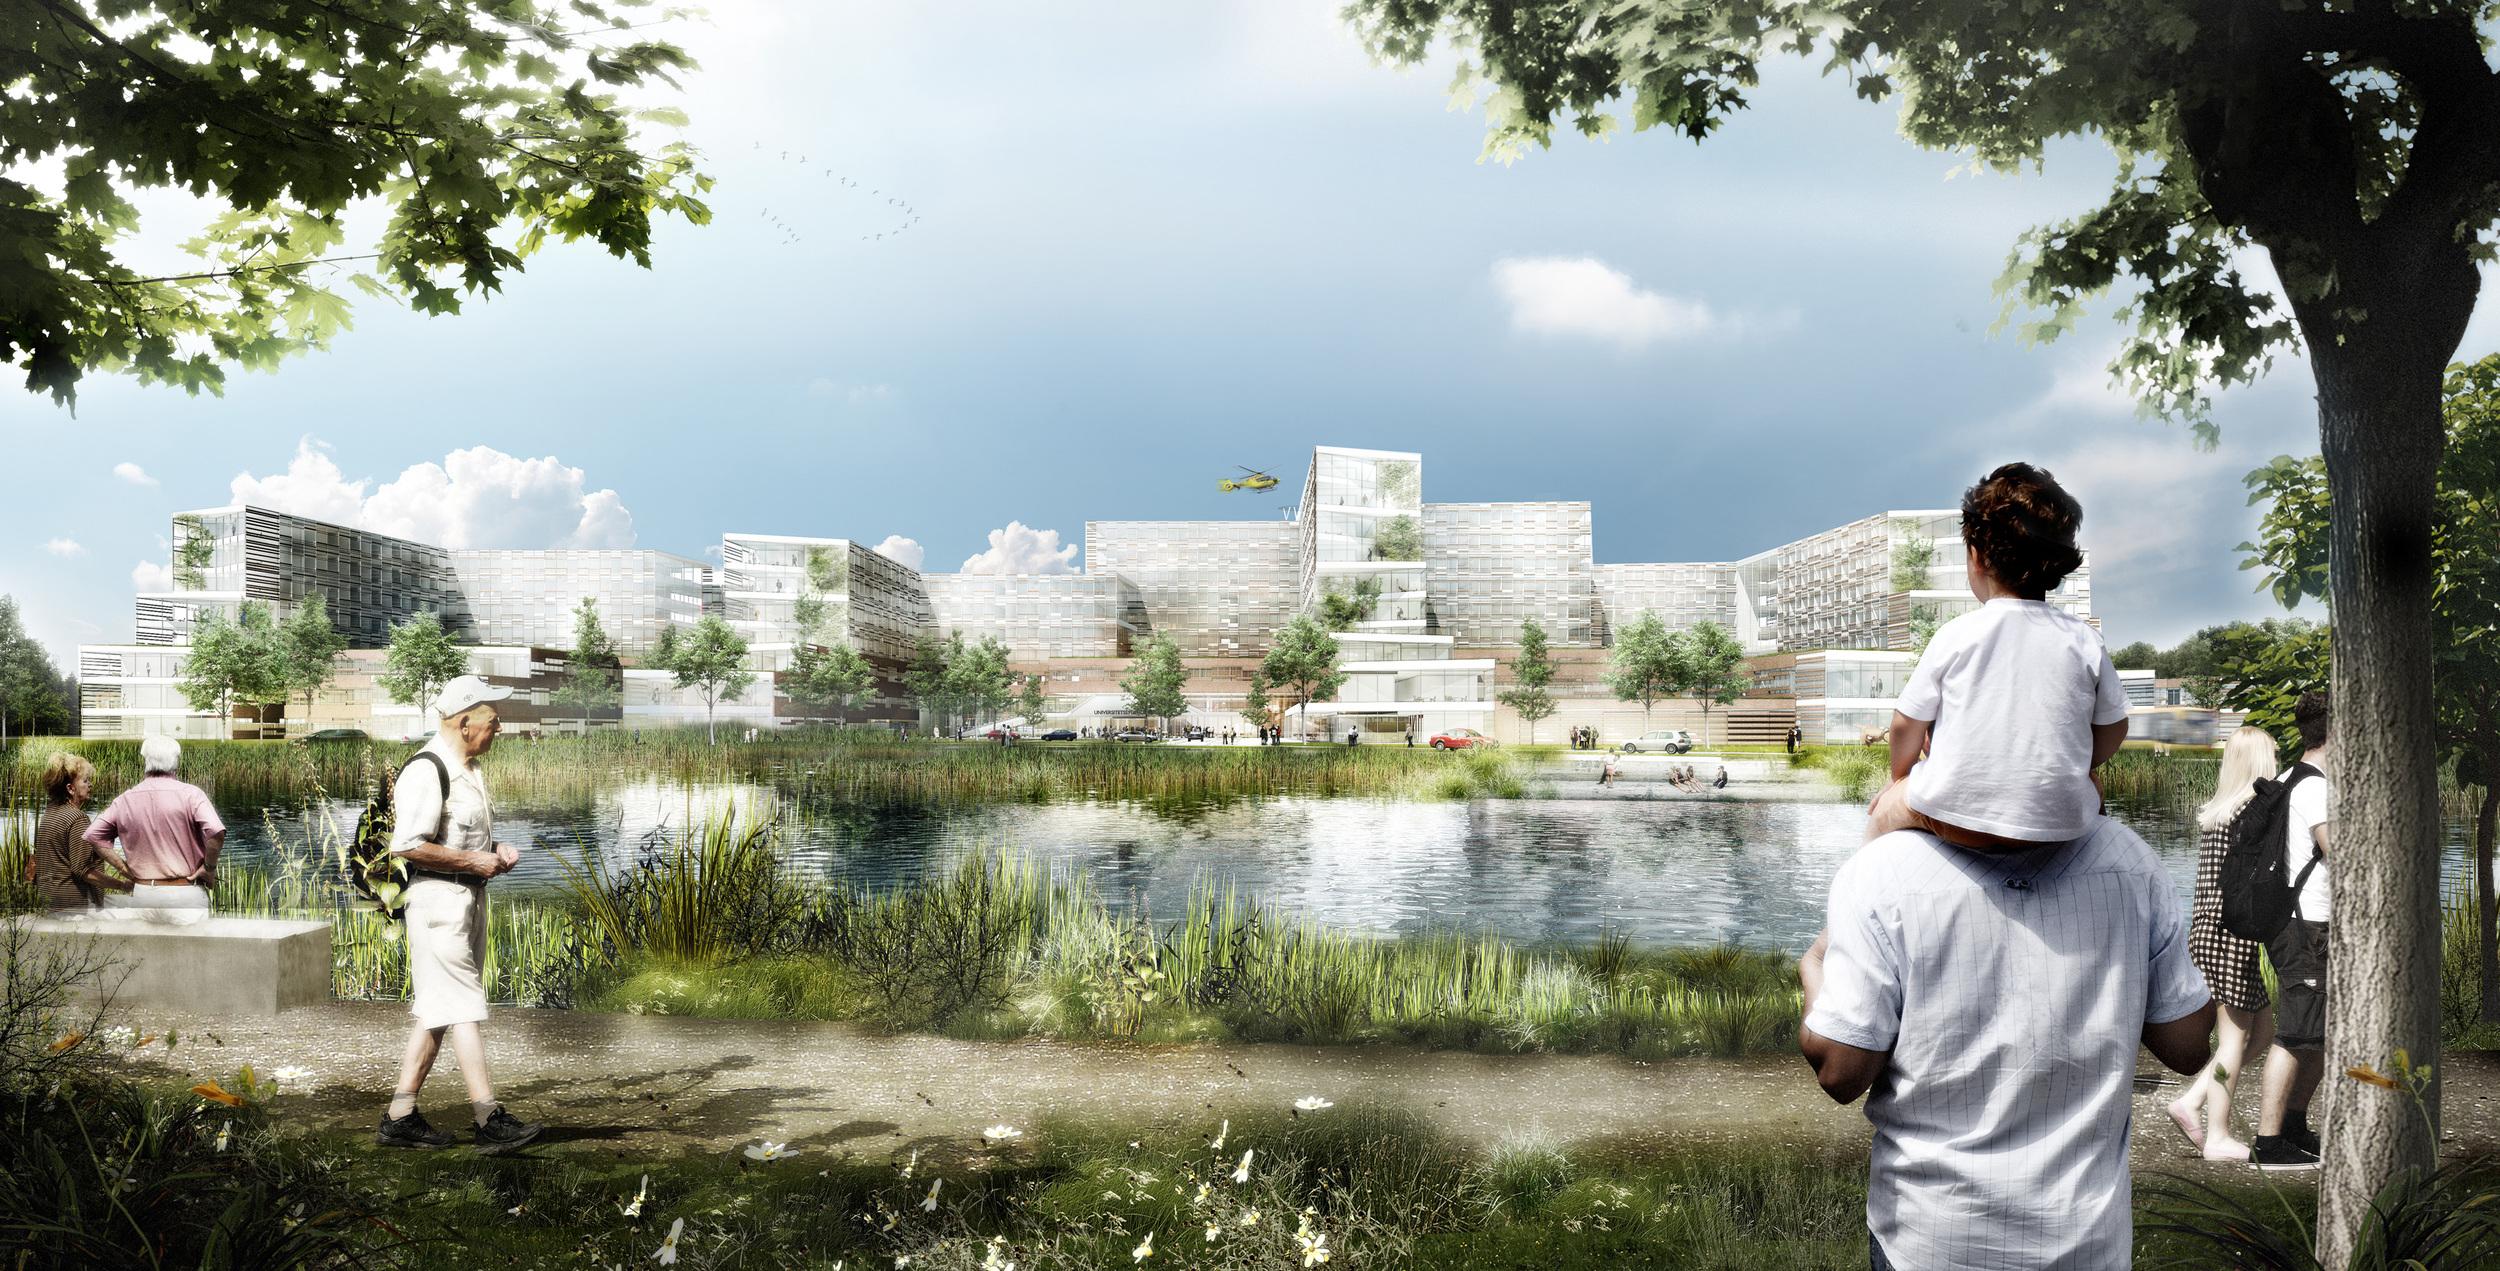 Illustration af det nye universitetssygehus i Køge, som C.F. Møller har skabt sammen med blandt andre CUBO Arkitekter, Gehl Architects. Illustration: USK